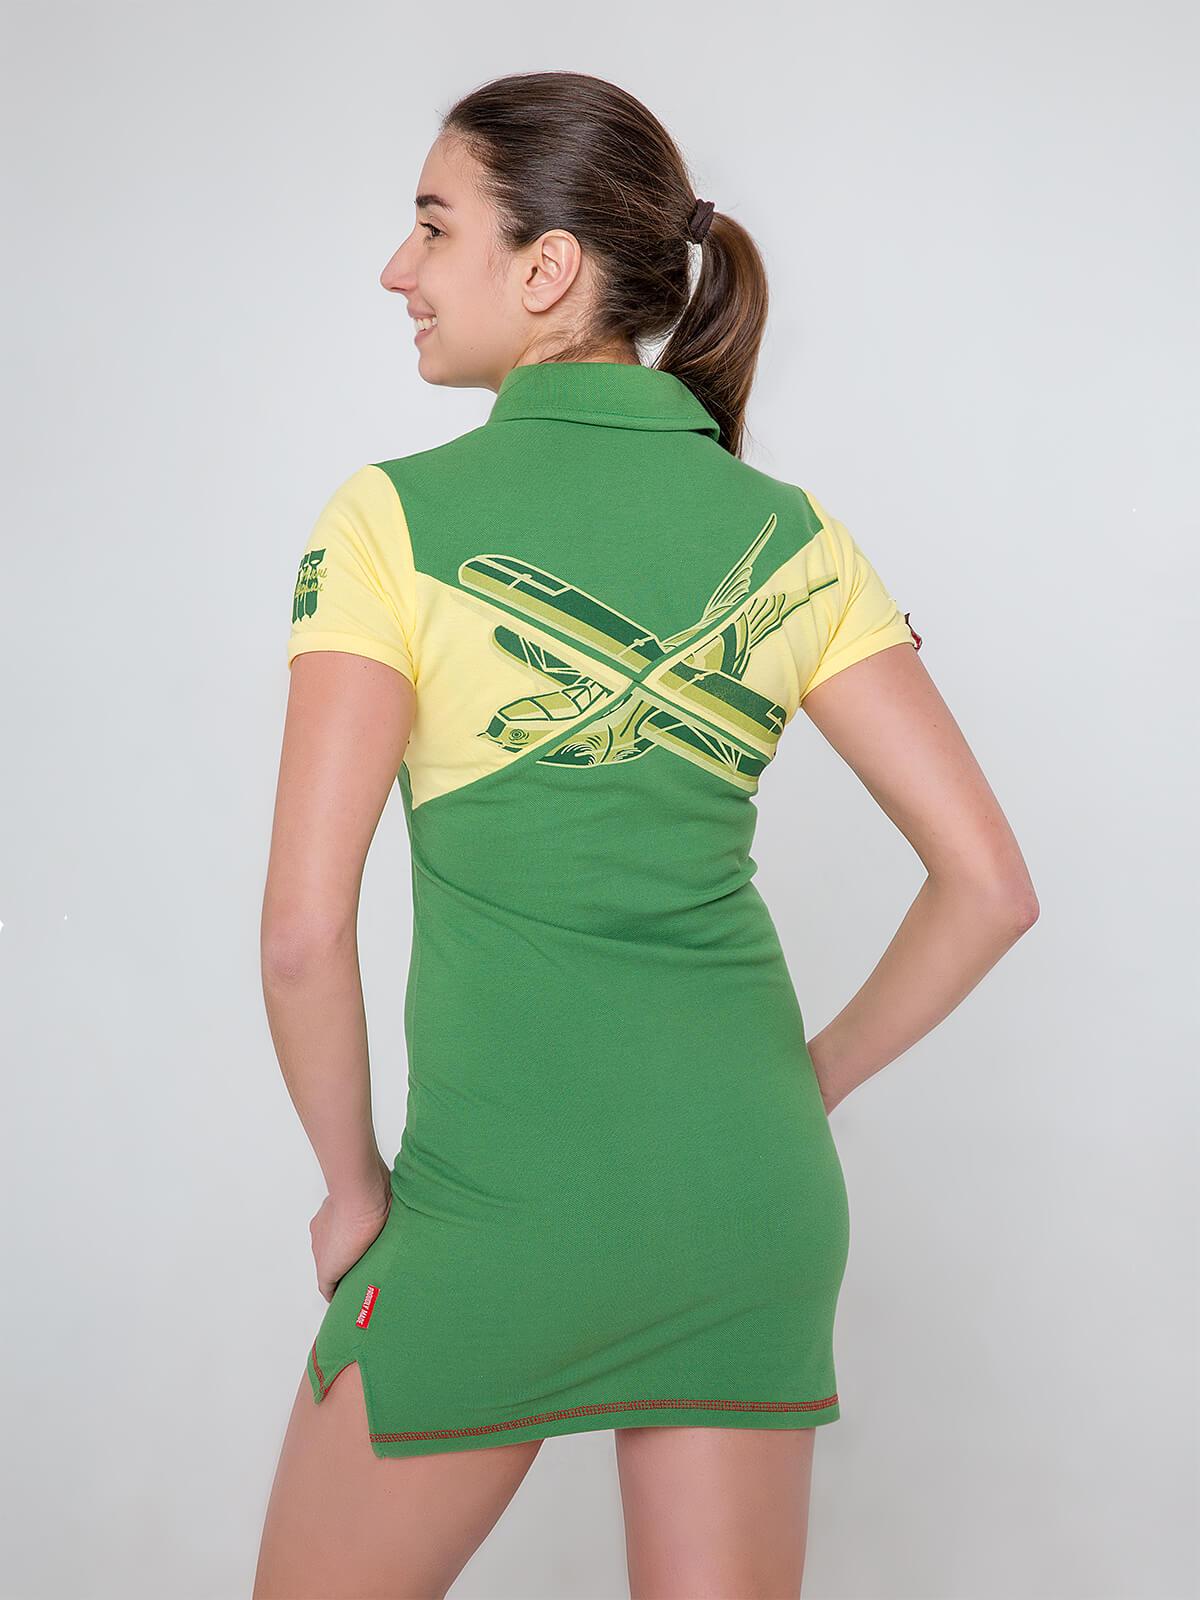 Жіноча Сукня-Поло Даруся. Колір жовтий.  Технологія нанесення зображень: вишивка, шовкодрук.